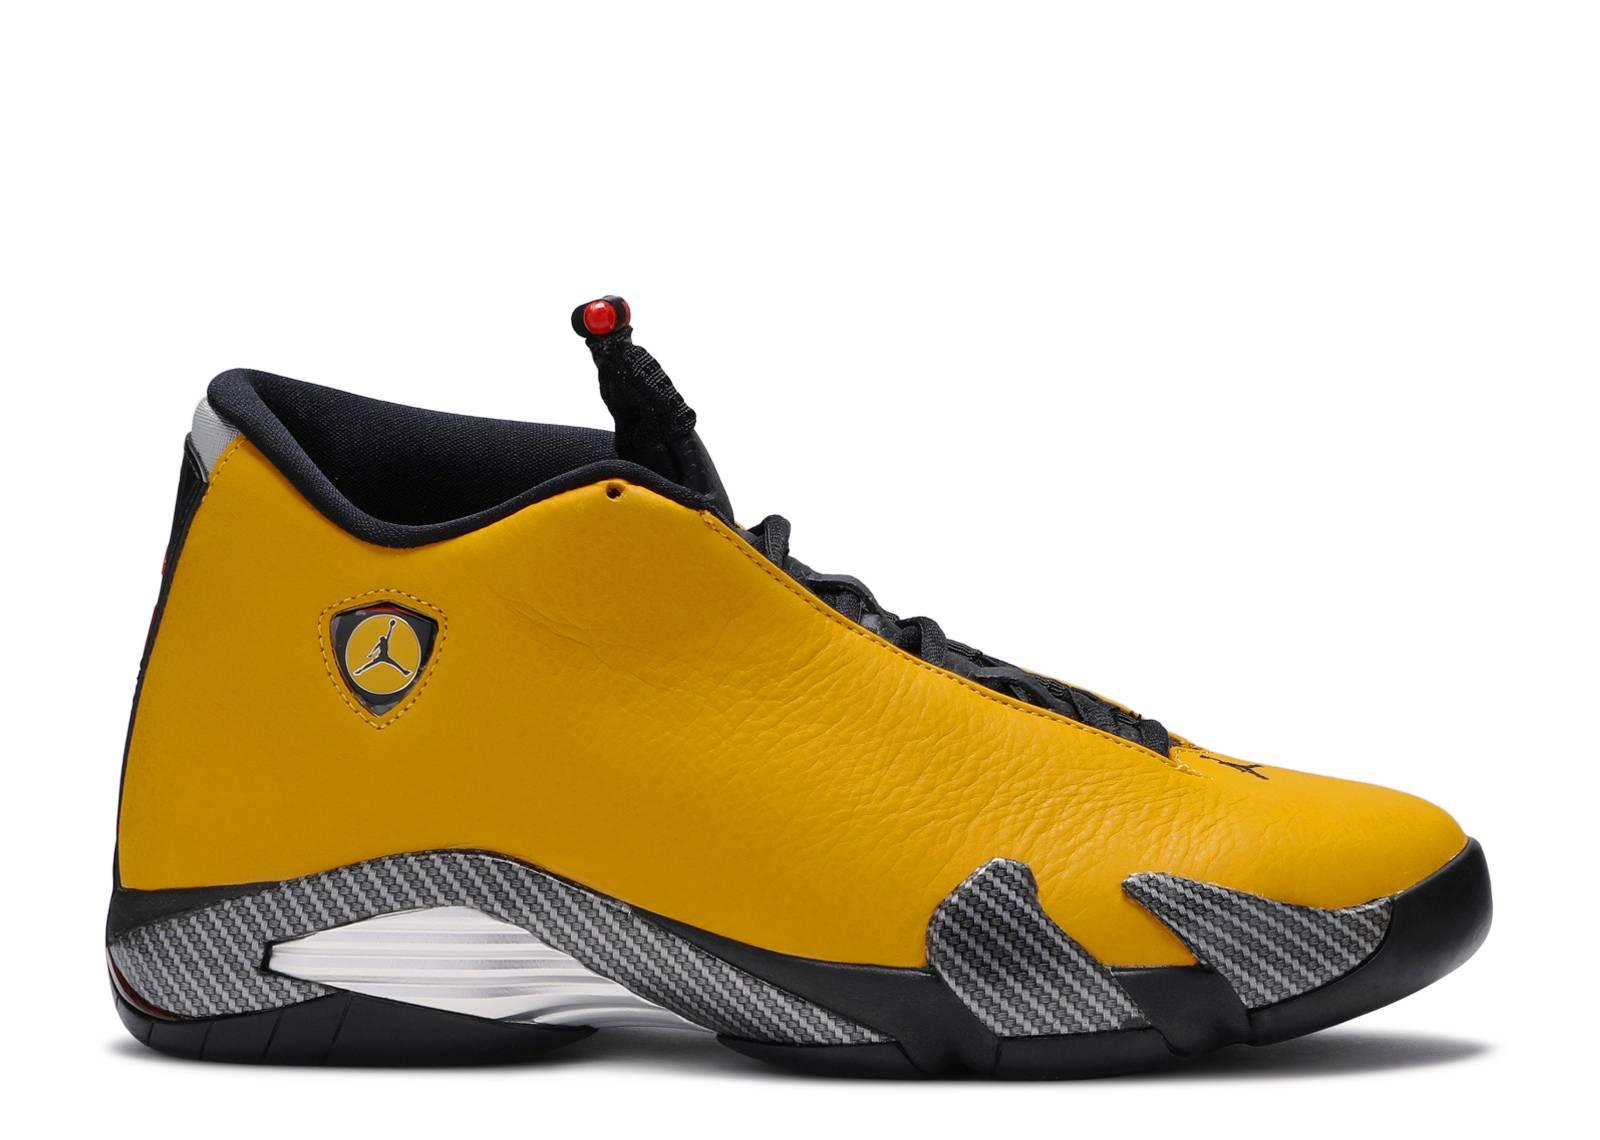 Incontrare Dispetto Assenza Nike Air Jordan 14 Retro Ferrari Benedizione Ingrandisci Cucina